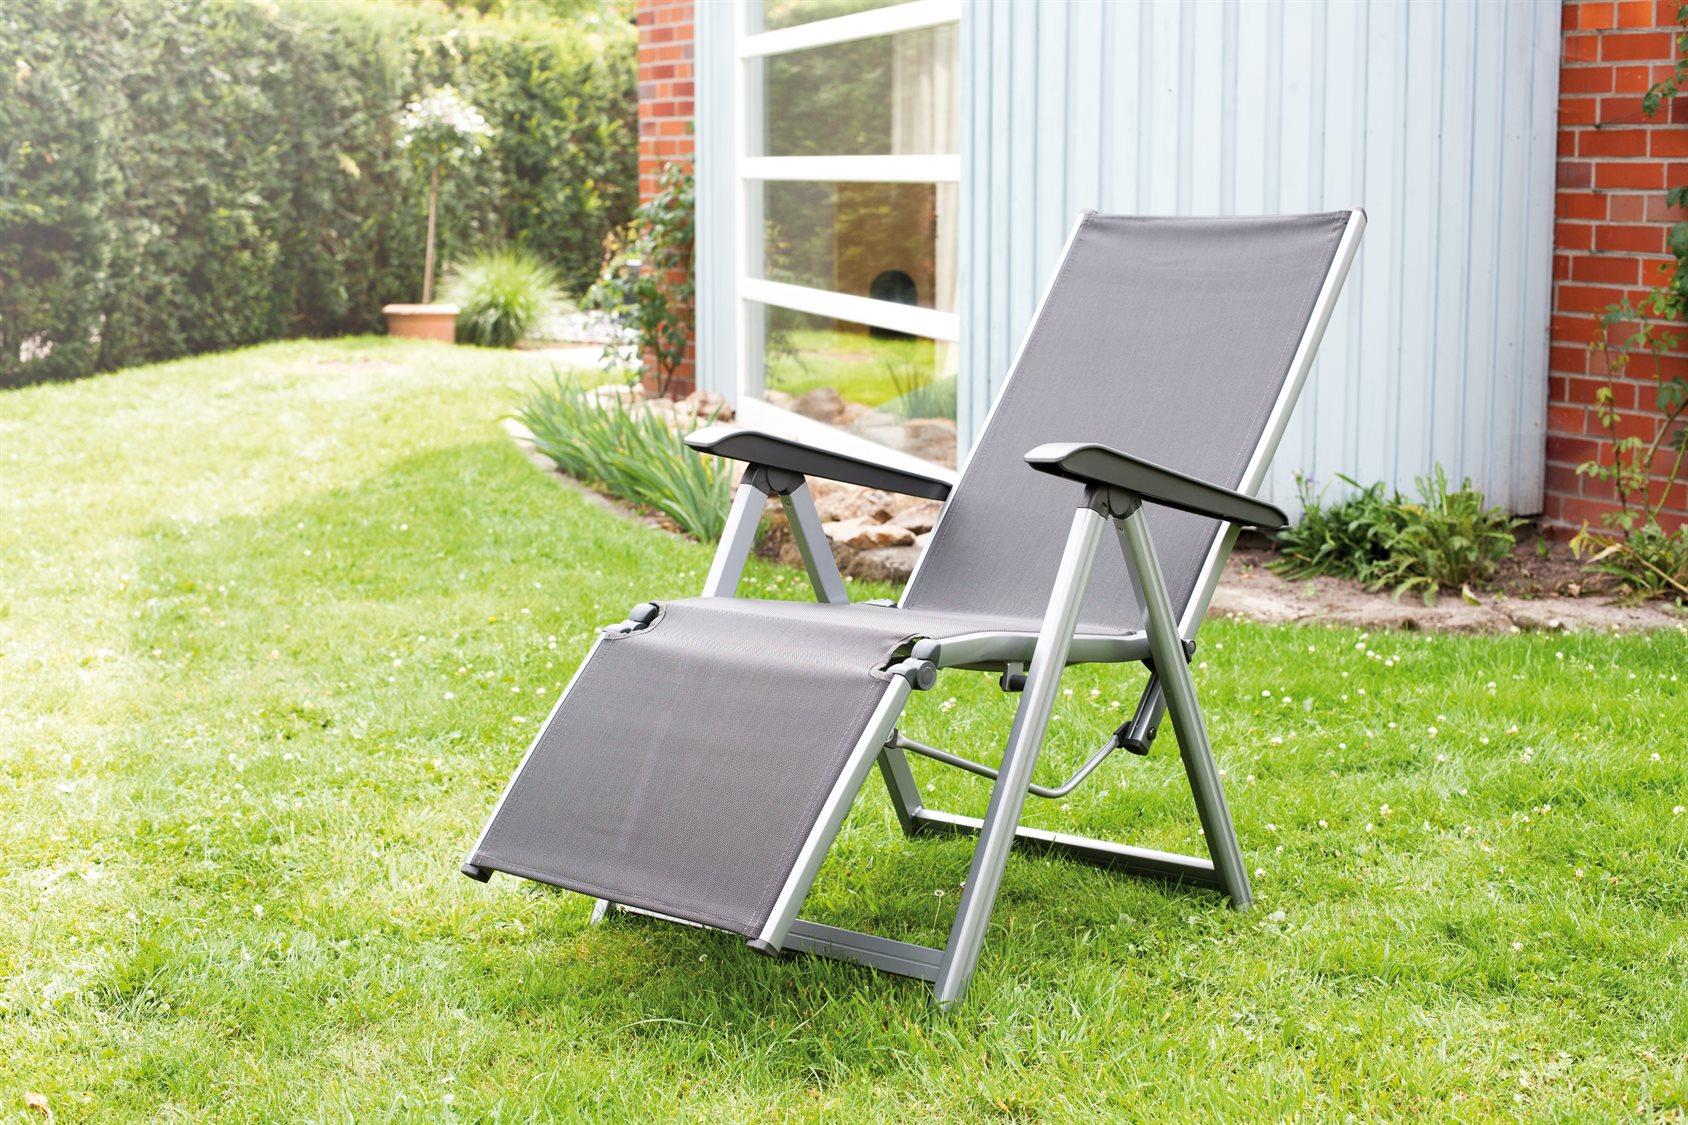 Kettler Basic Plus Aluminum Gray Relaxer Lounge Chair